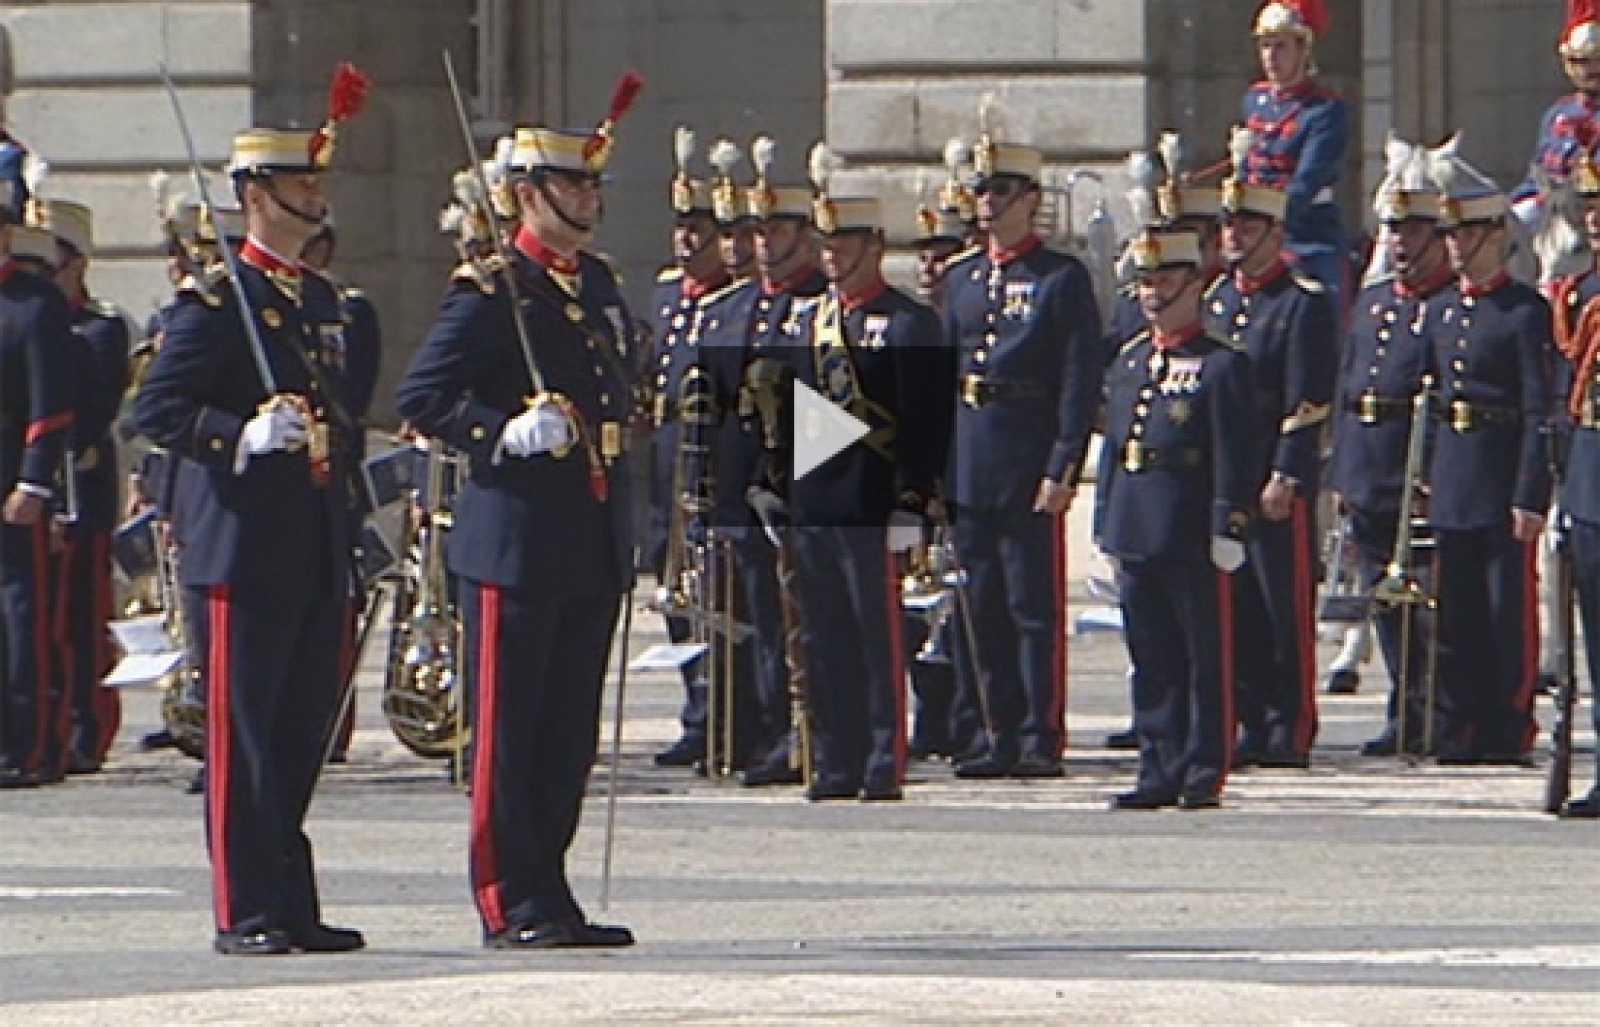 El cambio de Guardia en el Palacio Real vuelve de vacaciones